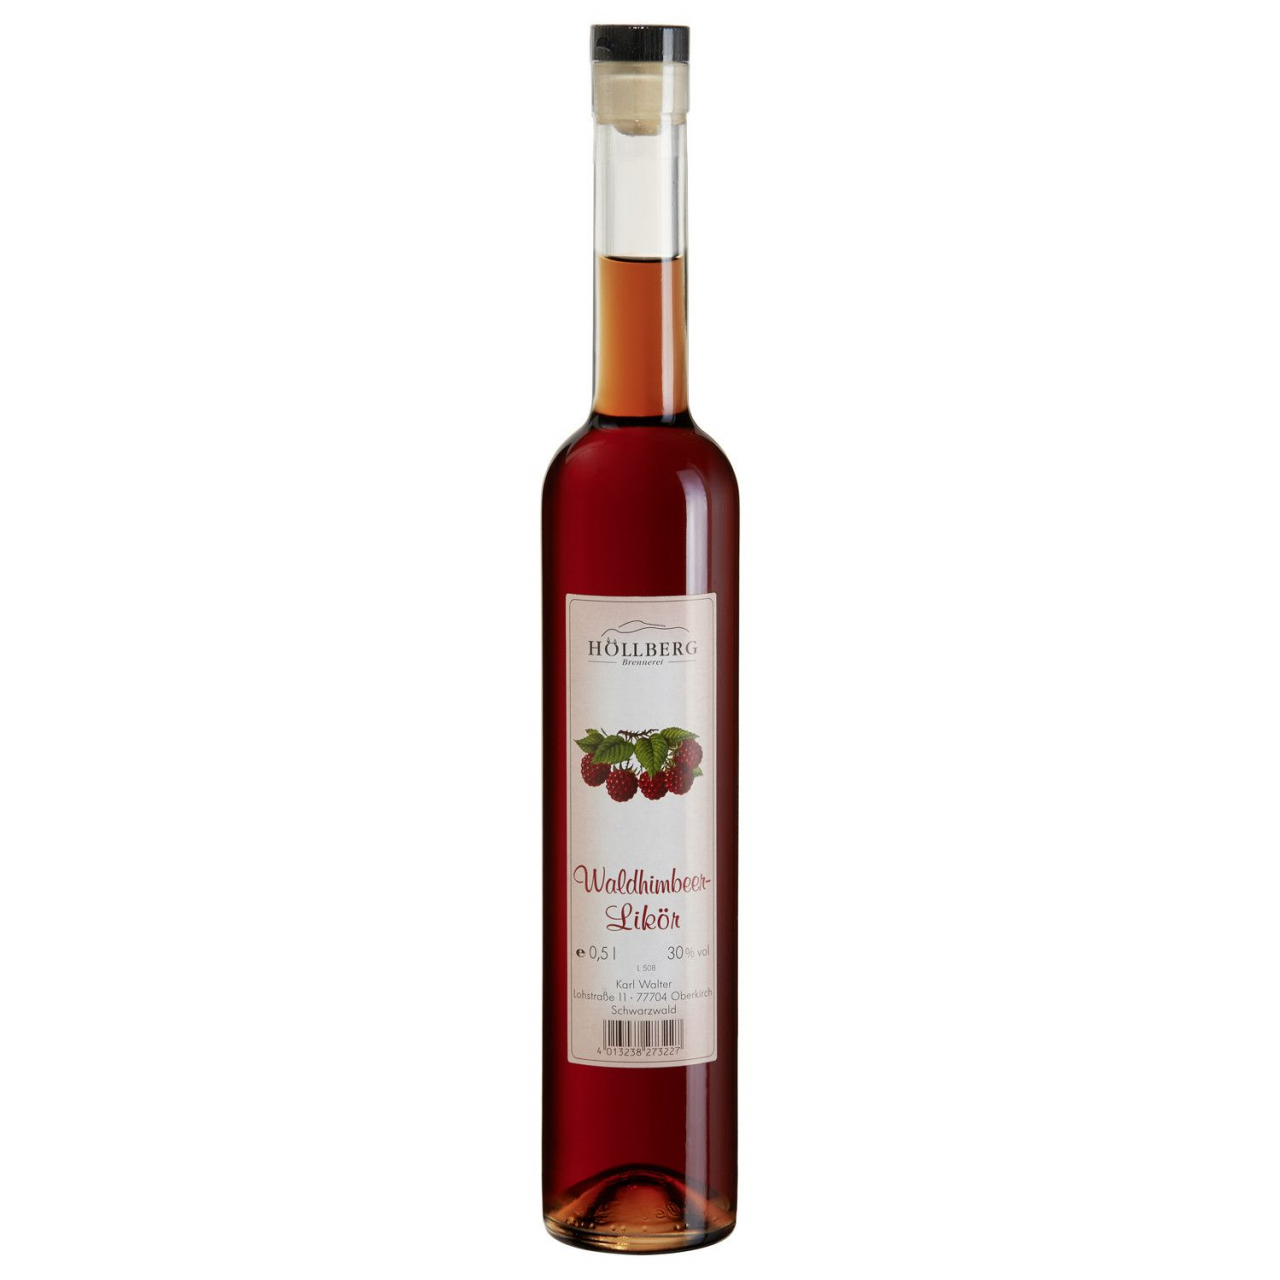 0,5 Liter Falsche Höllberg Wald-Himbeerlikör mit einem Alkoholgehalt von 30% vol